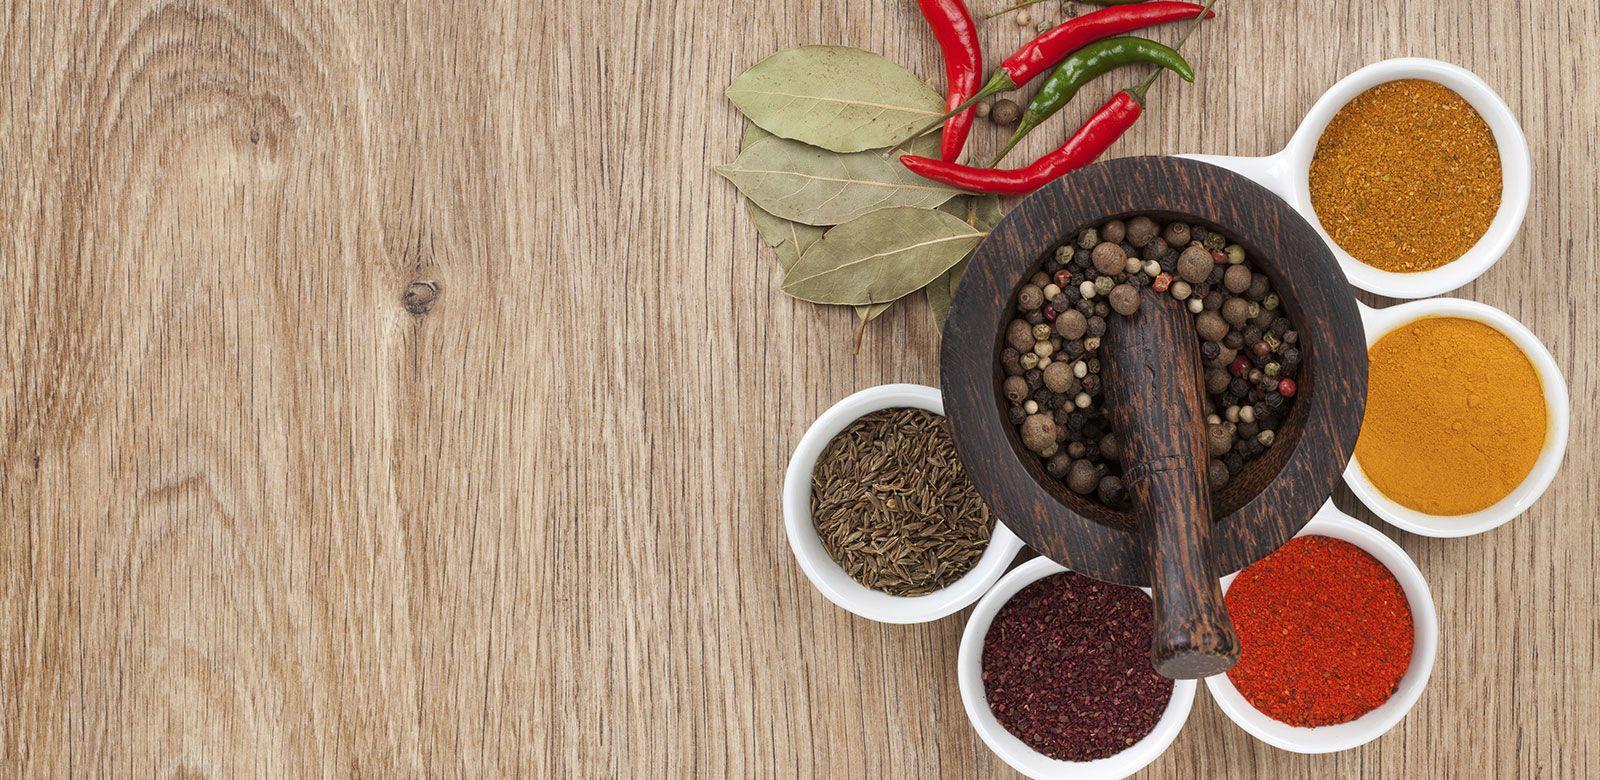 5 spezie ideali per la cura della pelle